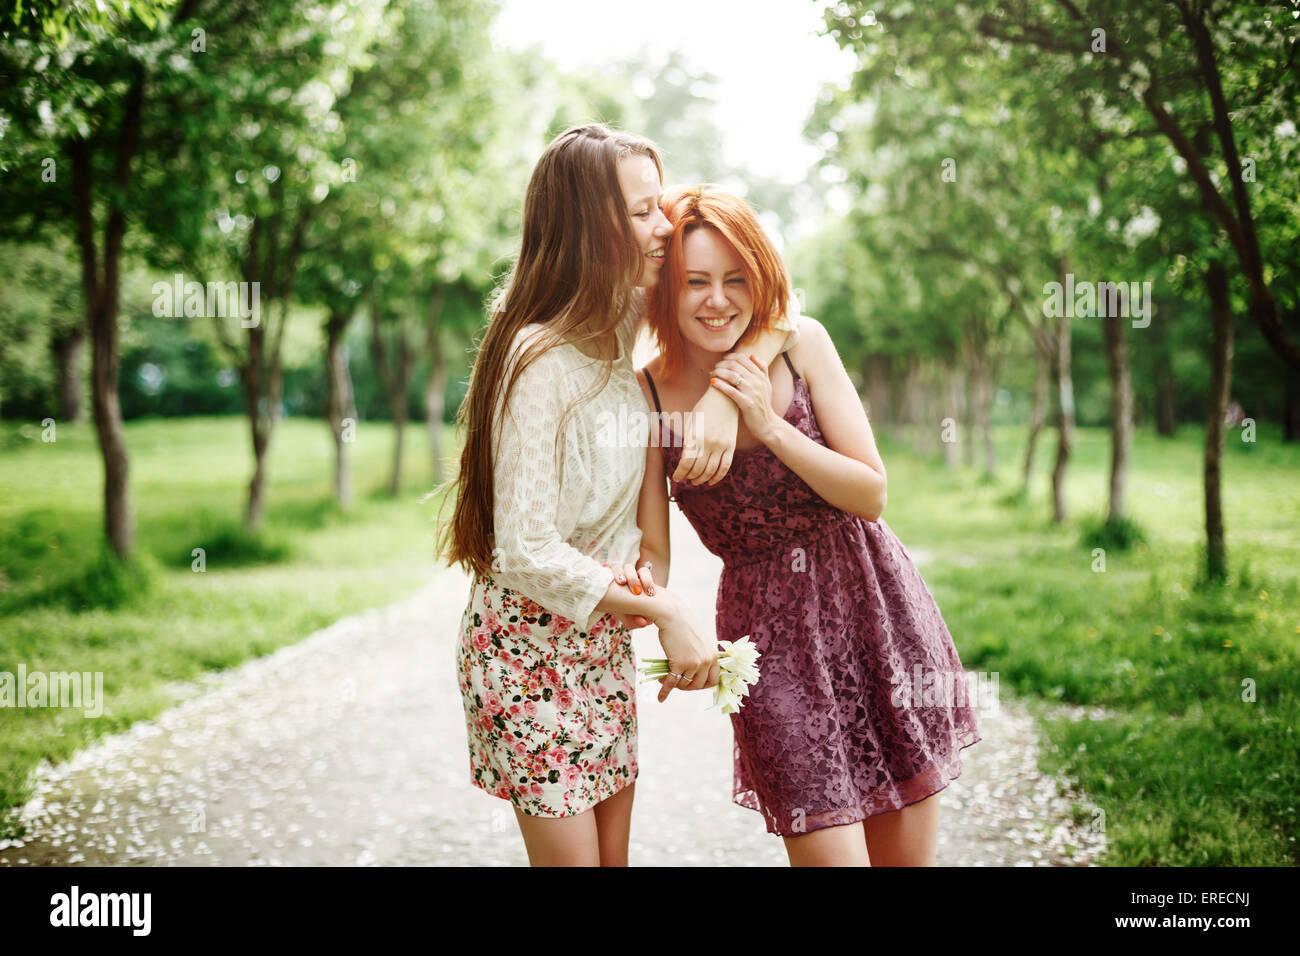 Dos jóvenes felices chicas que se divierten en el parque de verano. Mejores amigos riendo y abrazando. Imagen De Stock